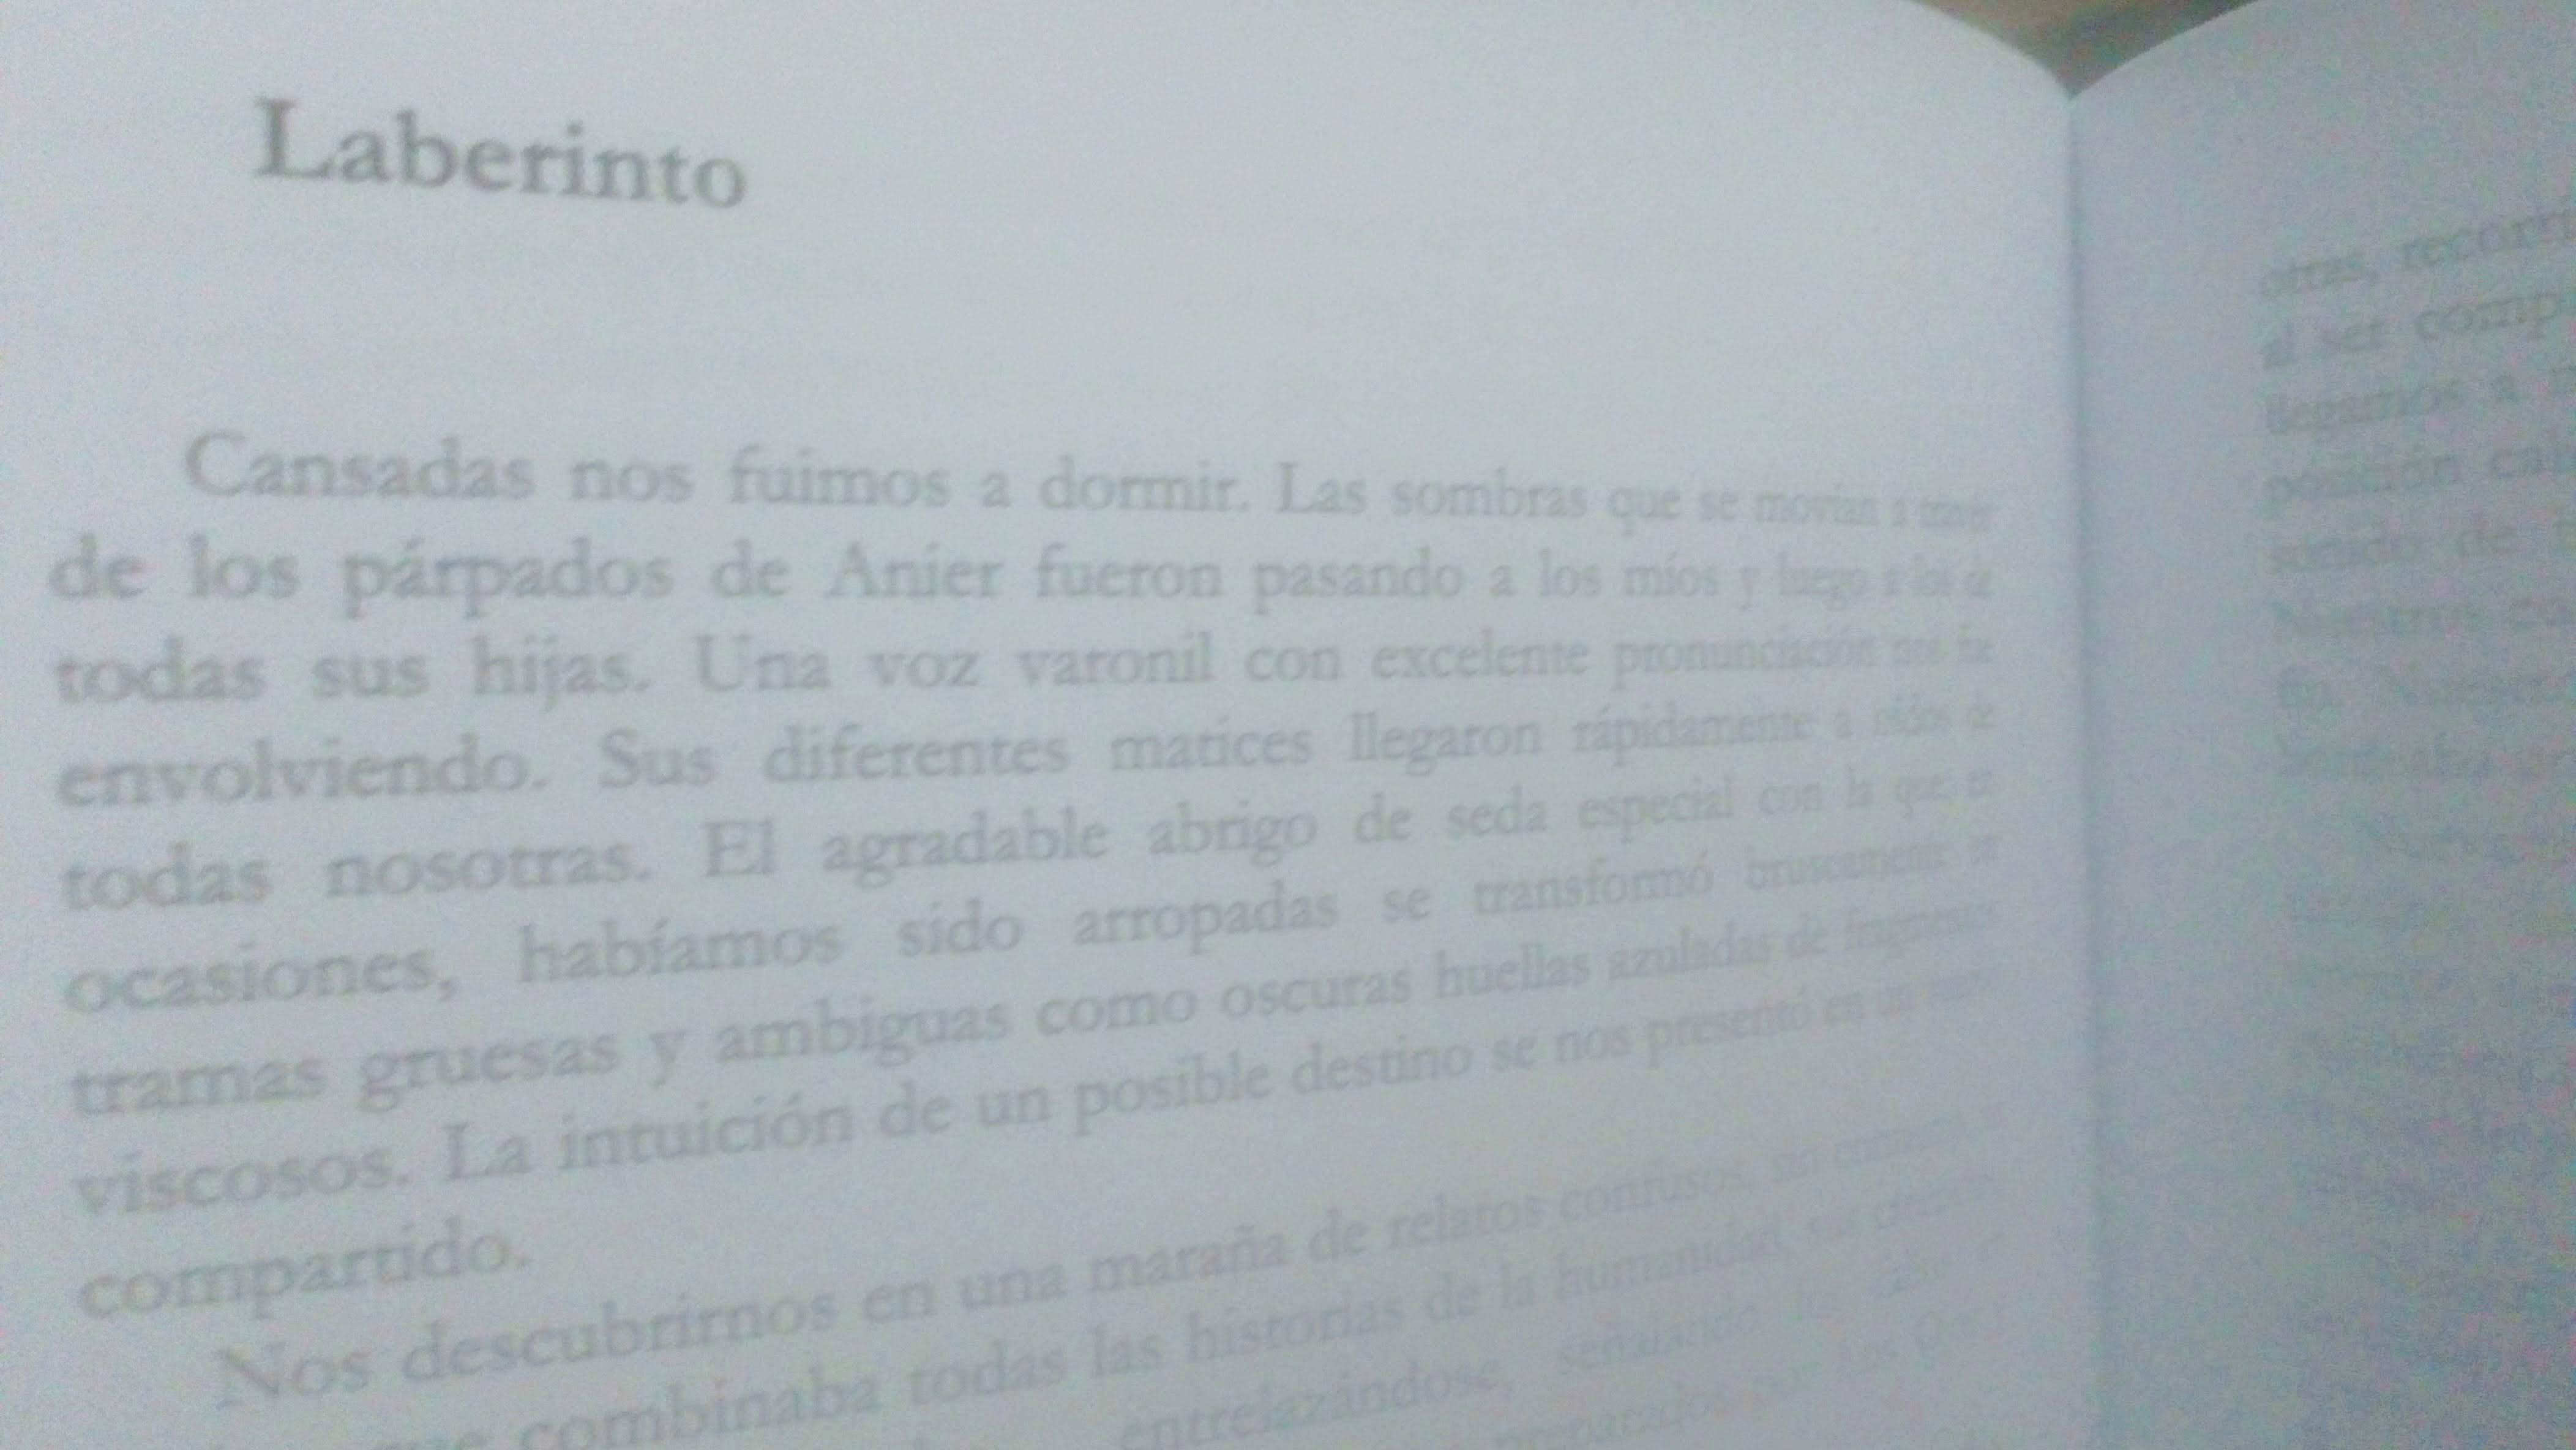 Laberinto (relato de un sueño compartido)